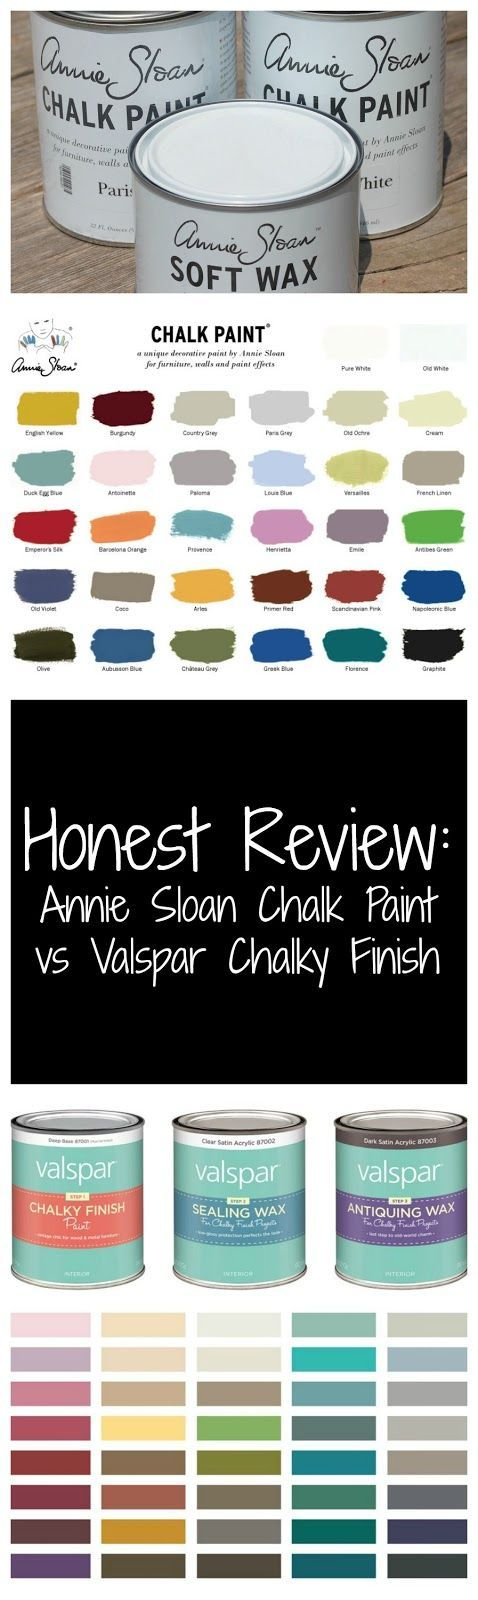 Honest Review – Valspar Chalky Finish vs. Annie Sloan Chalk Paint